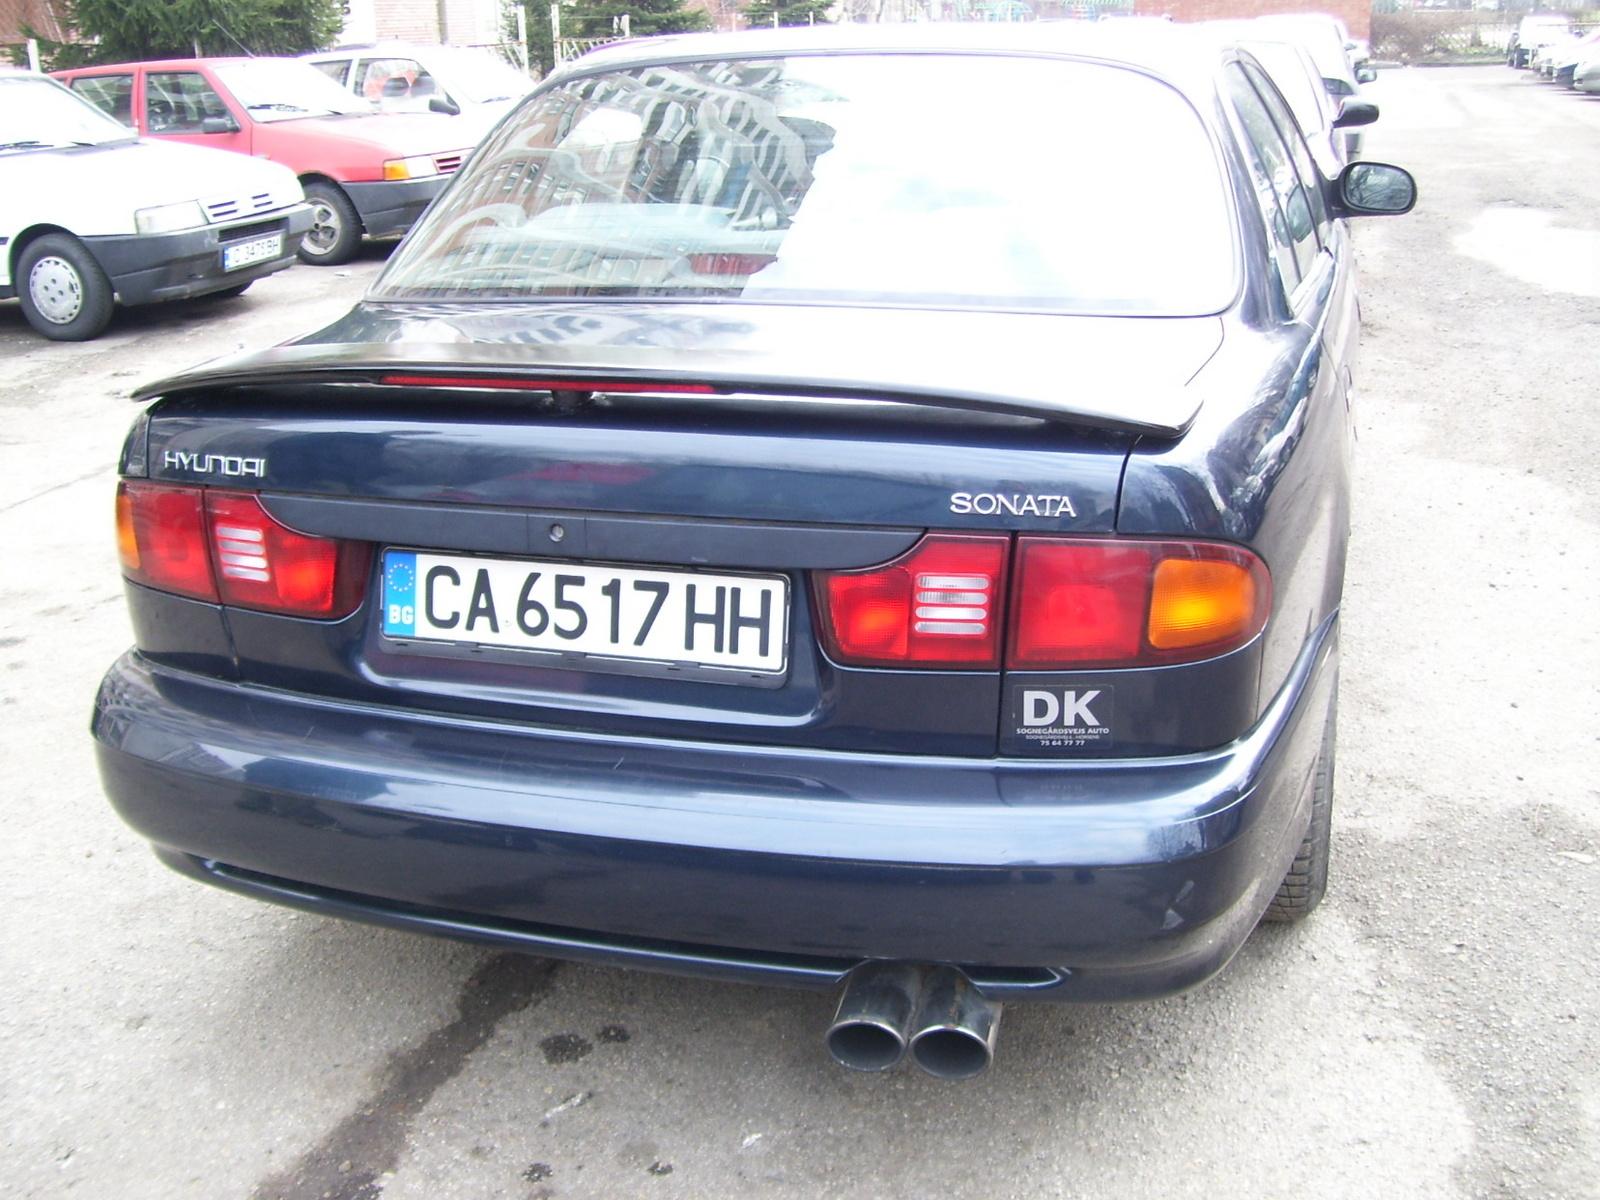 1996 Hyundai Sonata Pictures Cargurus